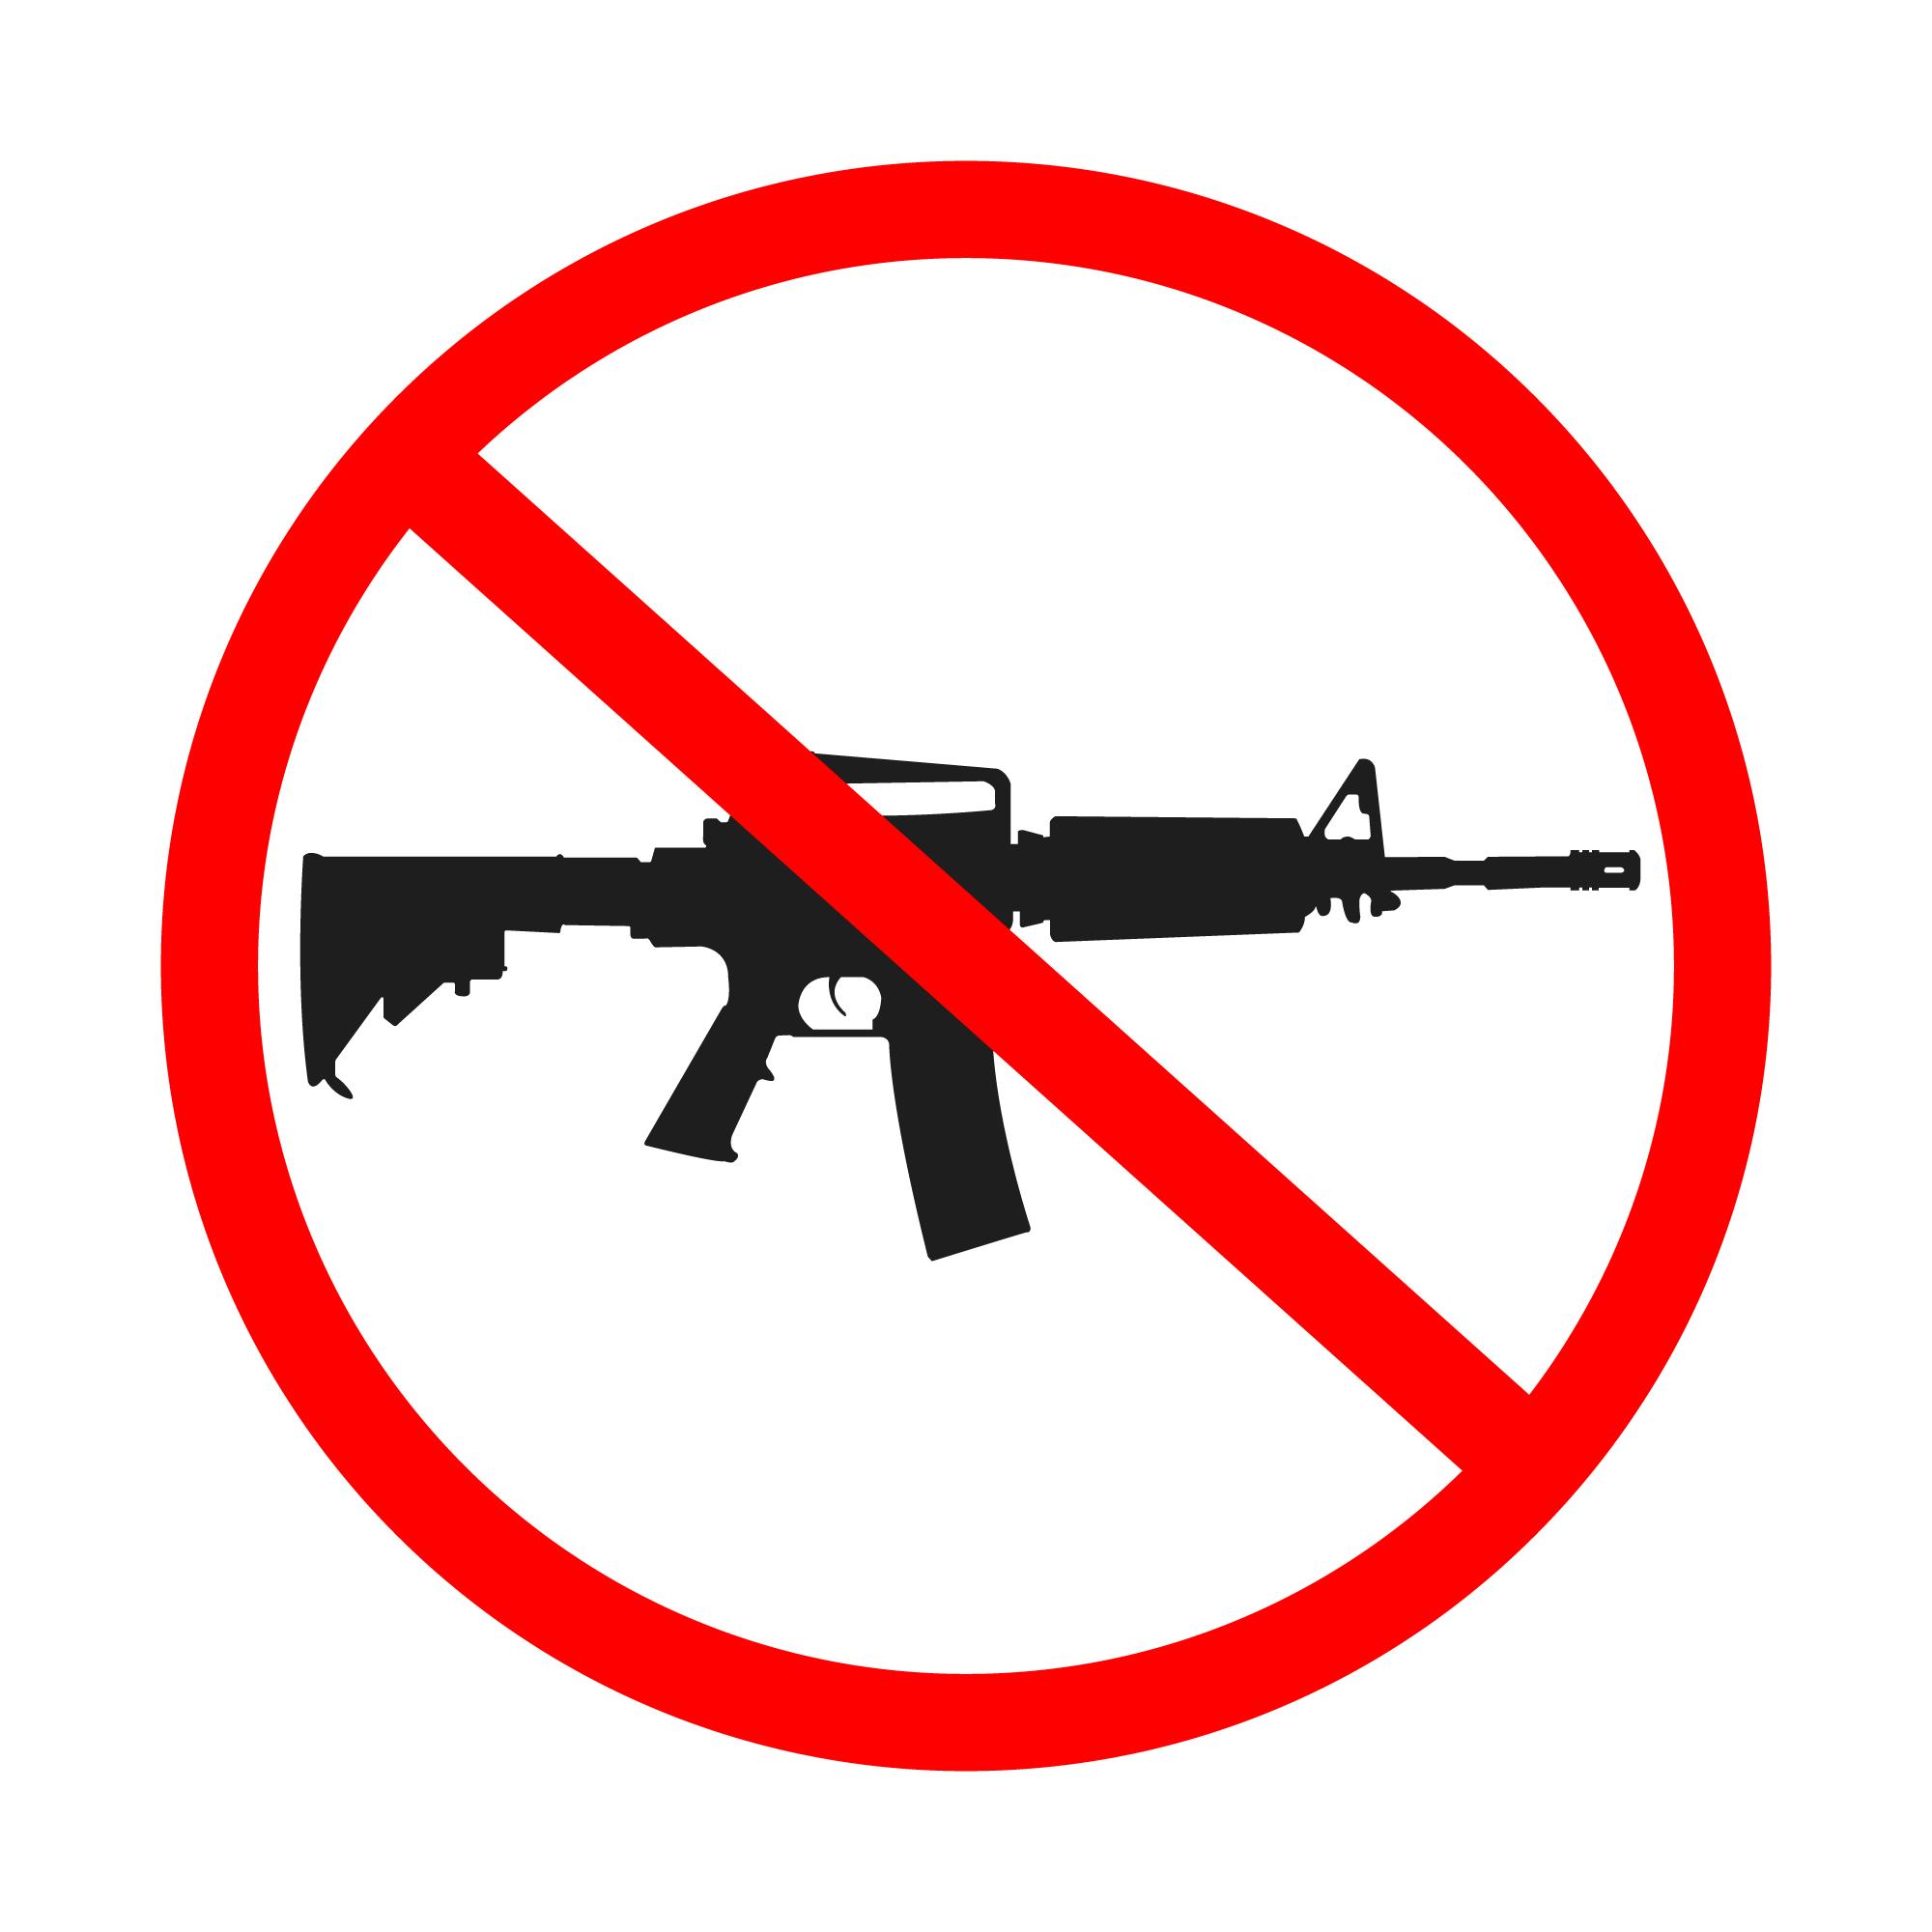 Gun Shot clipart gun violence Another gun – no_guns_allowed zones